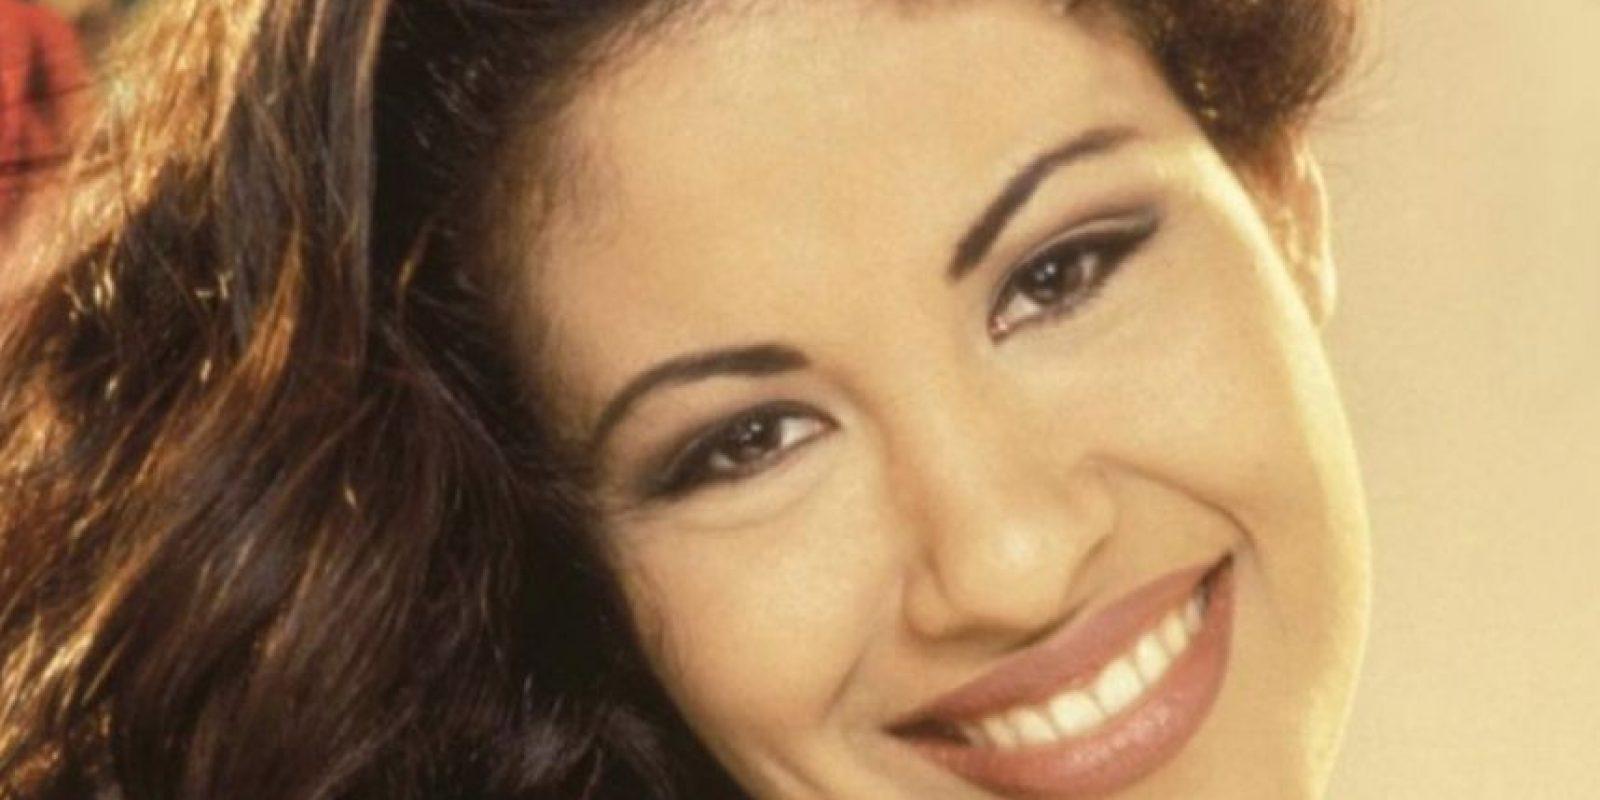 """En 2008, Angélica Zambrano Mora, predicadora ecuatoriana, fue al infierno, ya que supuestamente estuvo muerta por 23 horas. Allí vio a Selena Quintanilla, una cantante que le gustaba mucho. Supuestamente estaba rodeada de llamas y suplicaba por piedad. Le dijo a Zambrano Mora, según su relato, que le dijera al """"mundo"""" que dejasen de oír sus canciones y bailarlas, porque cada vez que lo hacían ella era atormentada aún más. Foto:vía Getty Images"""